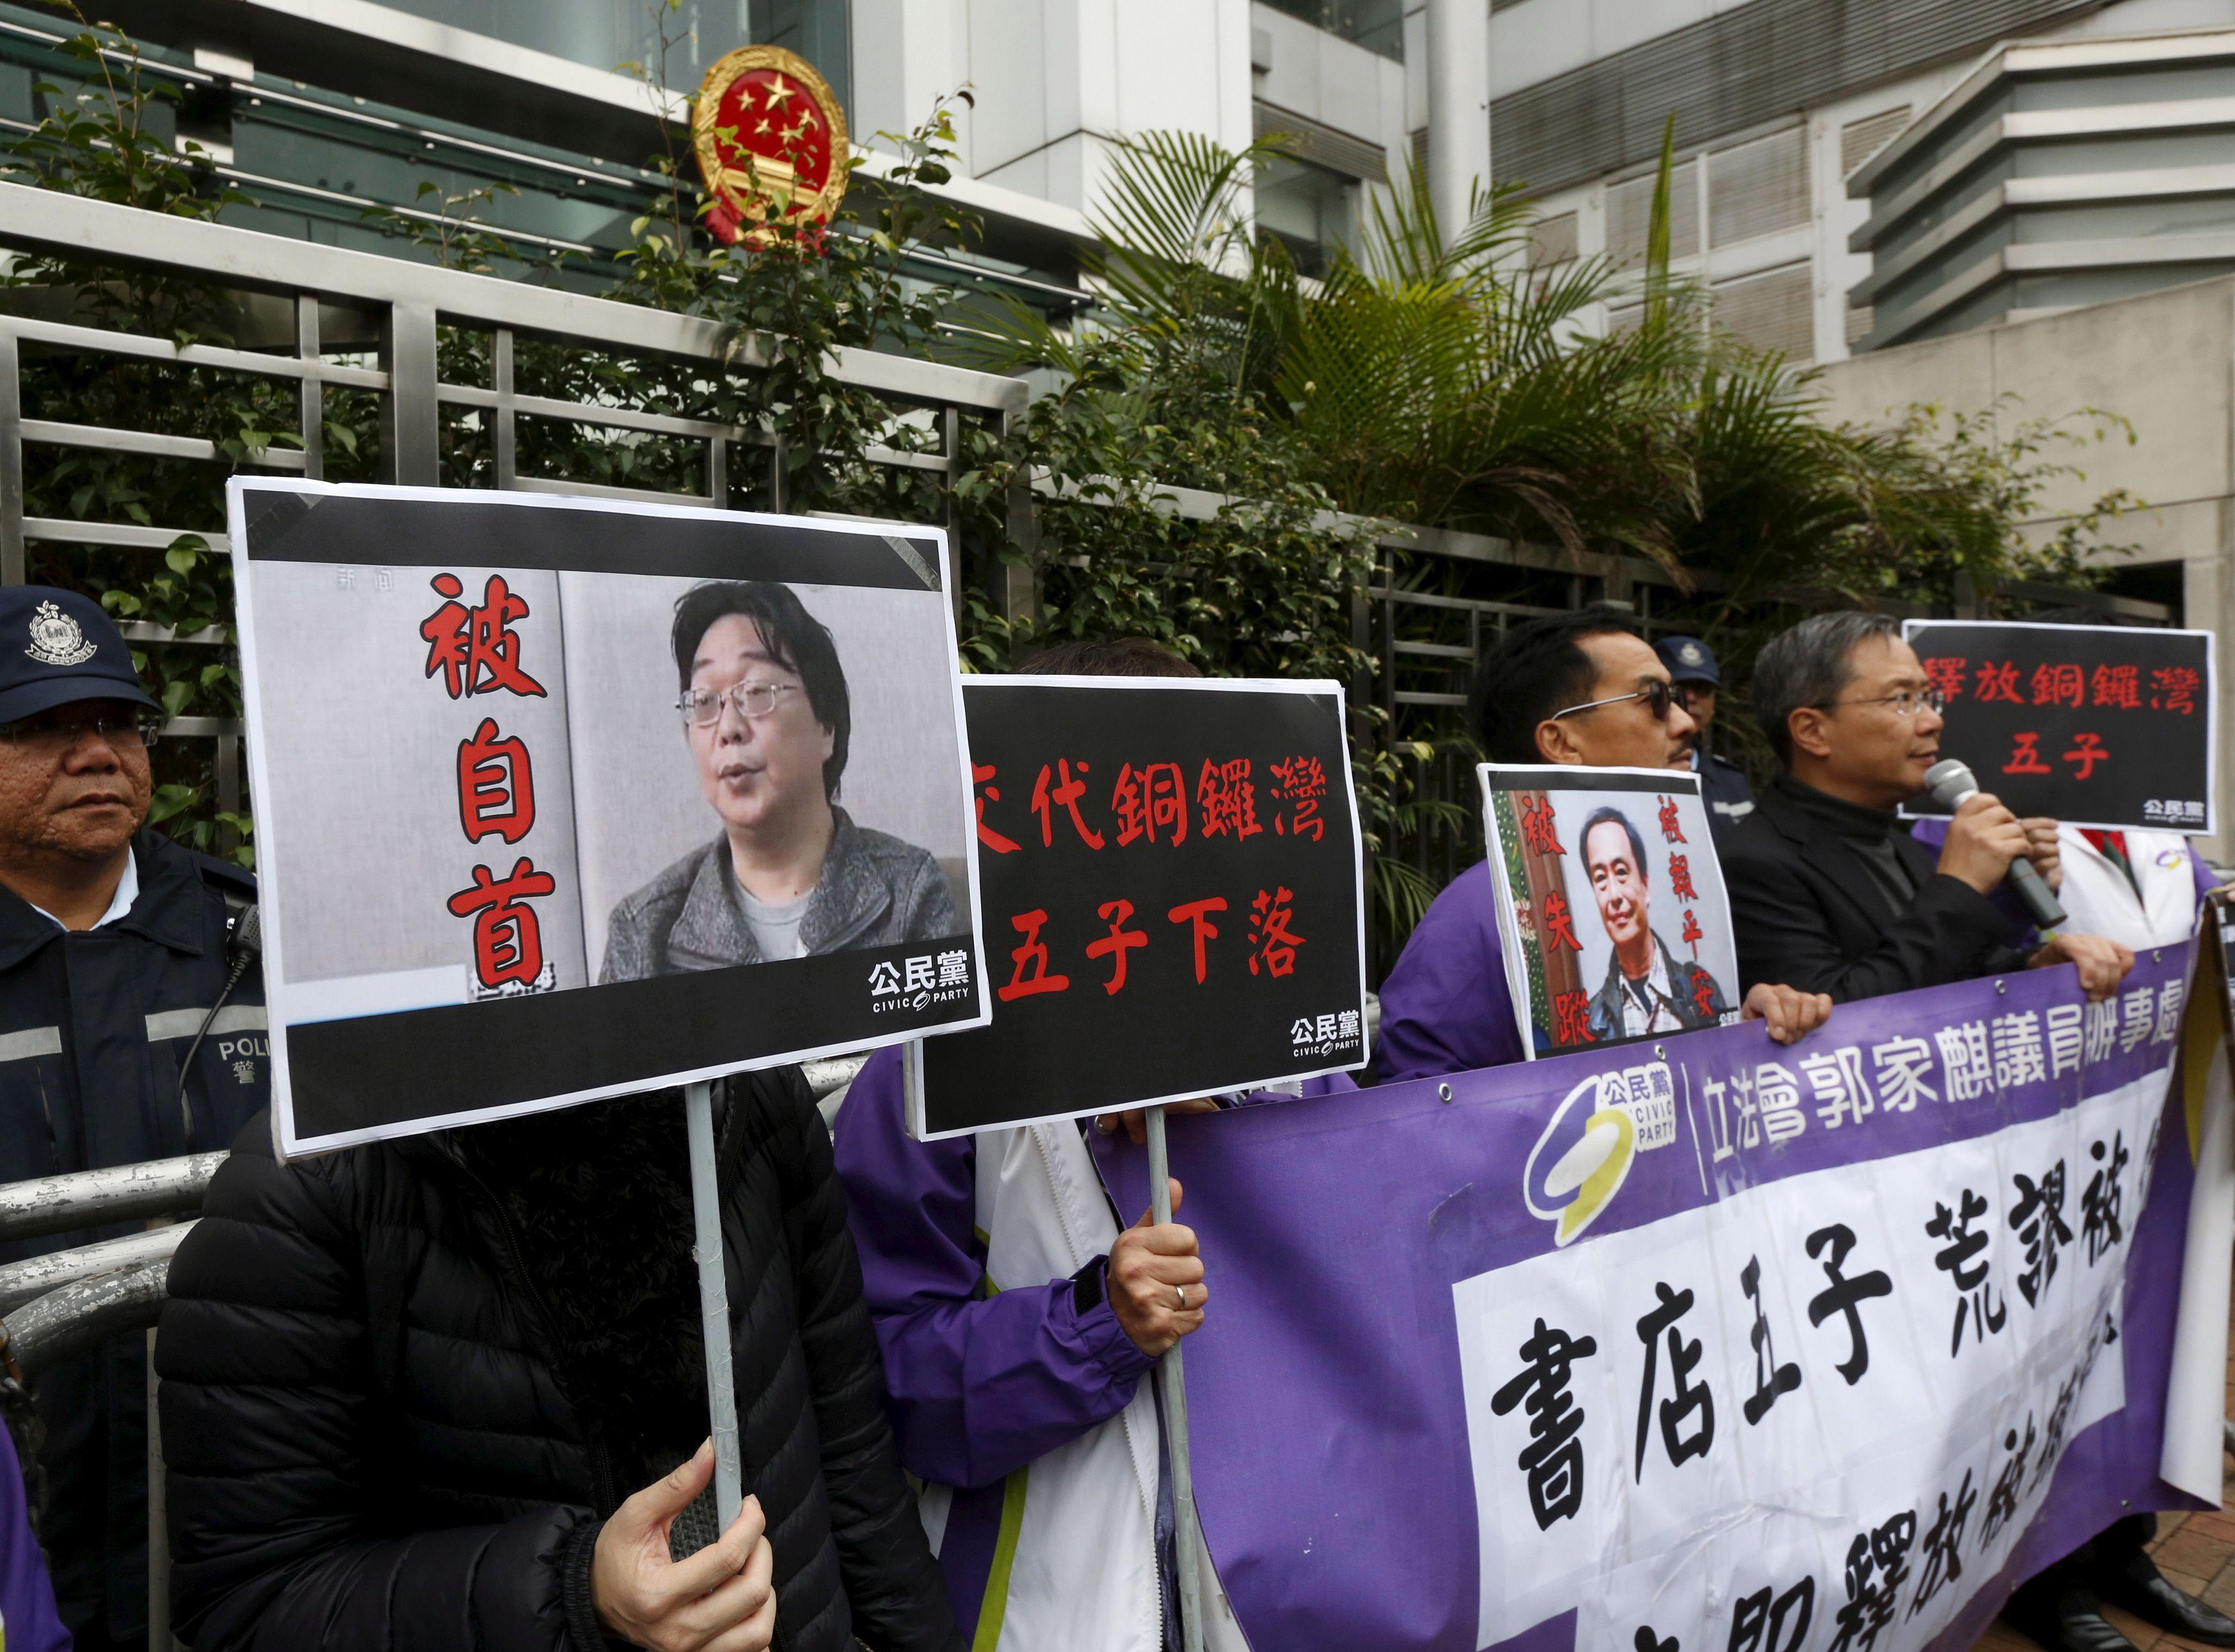 Según las autoridades chinas, Gui Minhai renunció a apelar su sentencia a 10 años de cárcel y solicitó voluntariamente que se le devolviera la ciudadanía china perdida cuando se hizo sueco. (REUTERS/Bobby Yip)